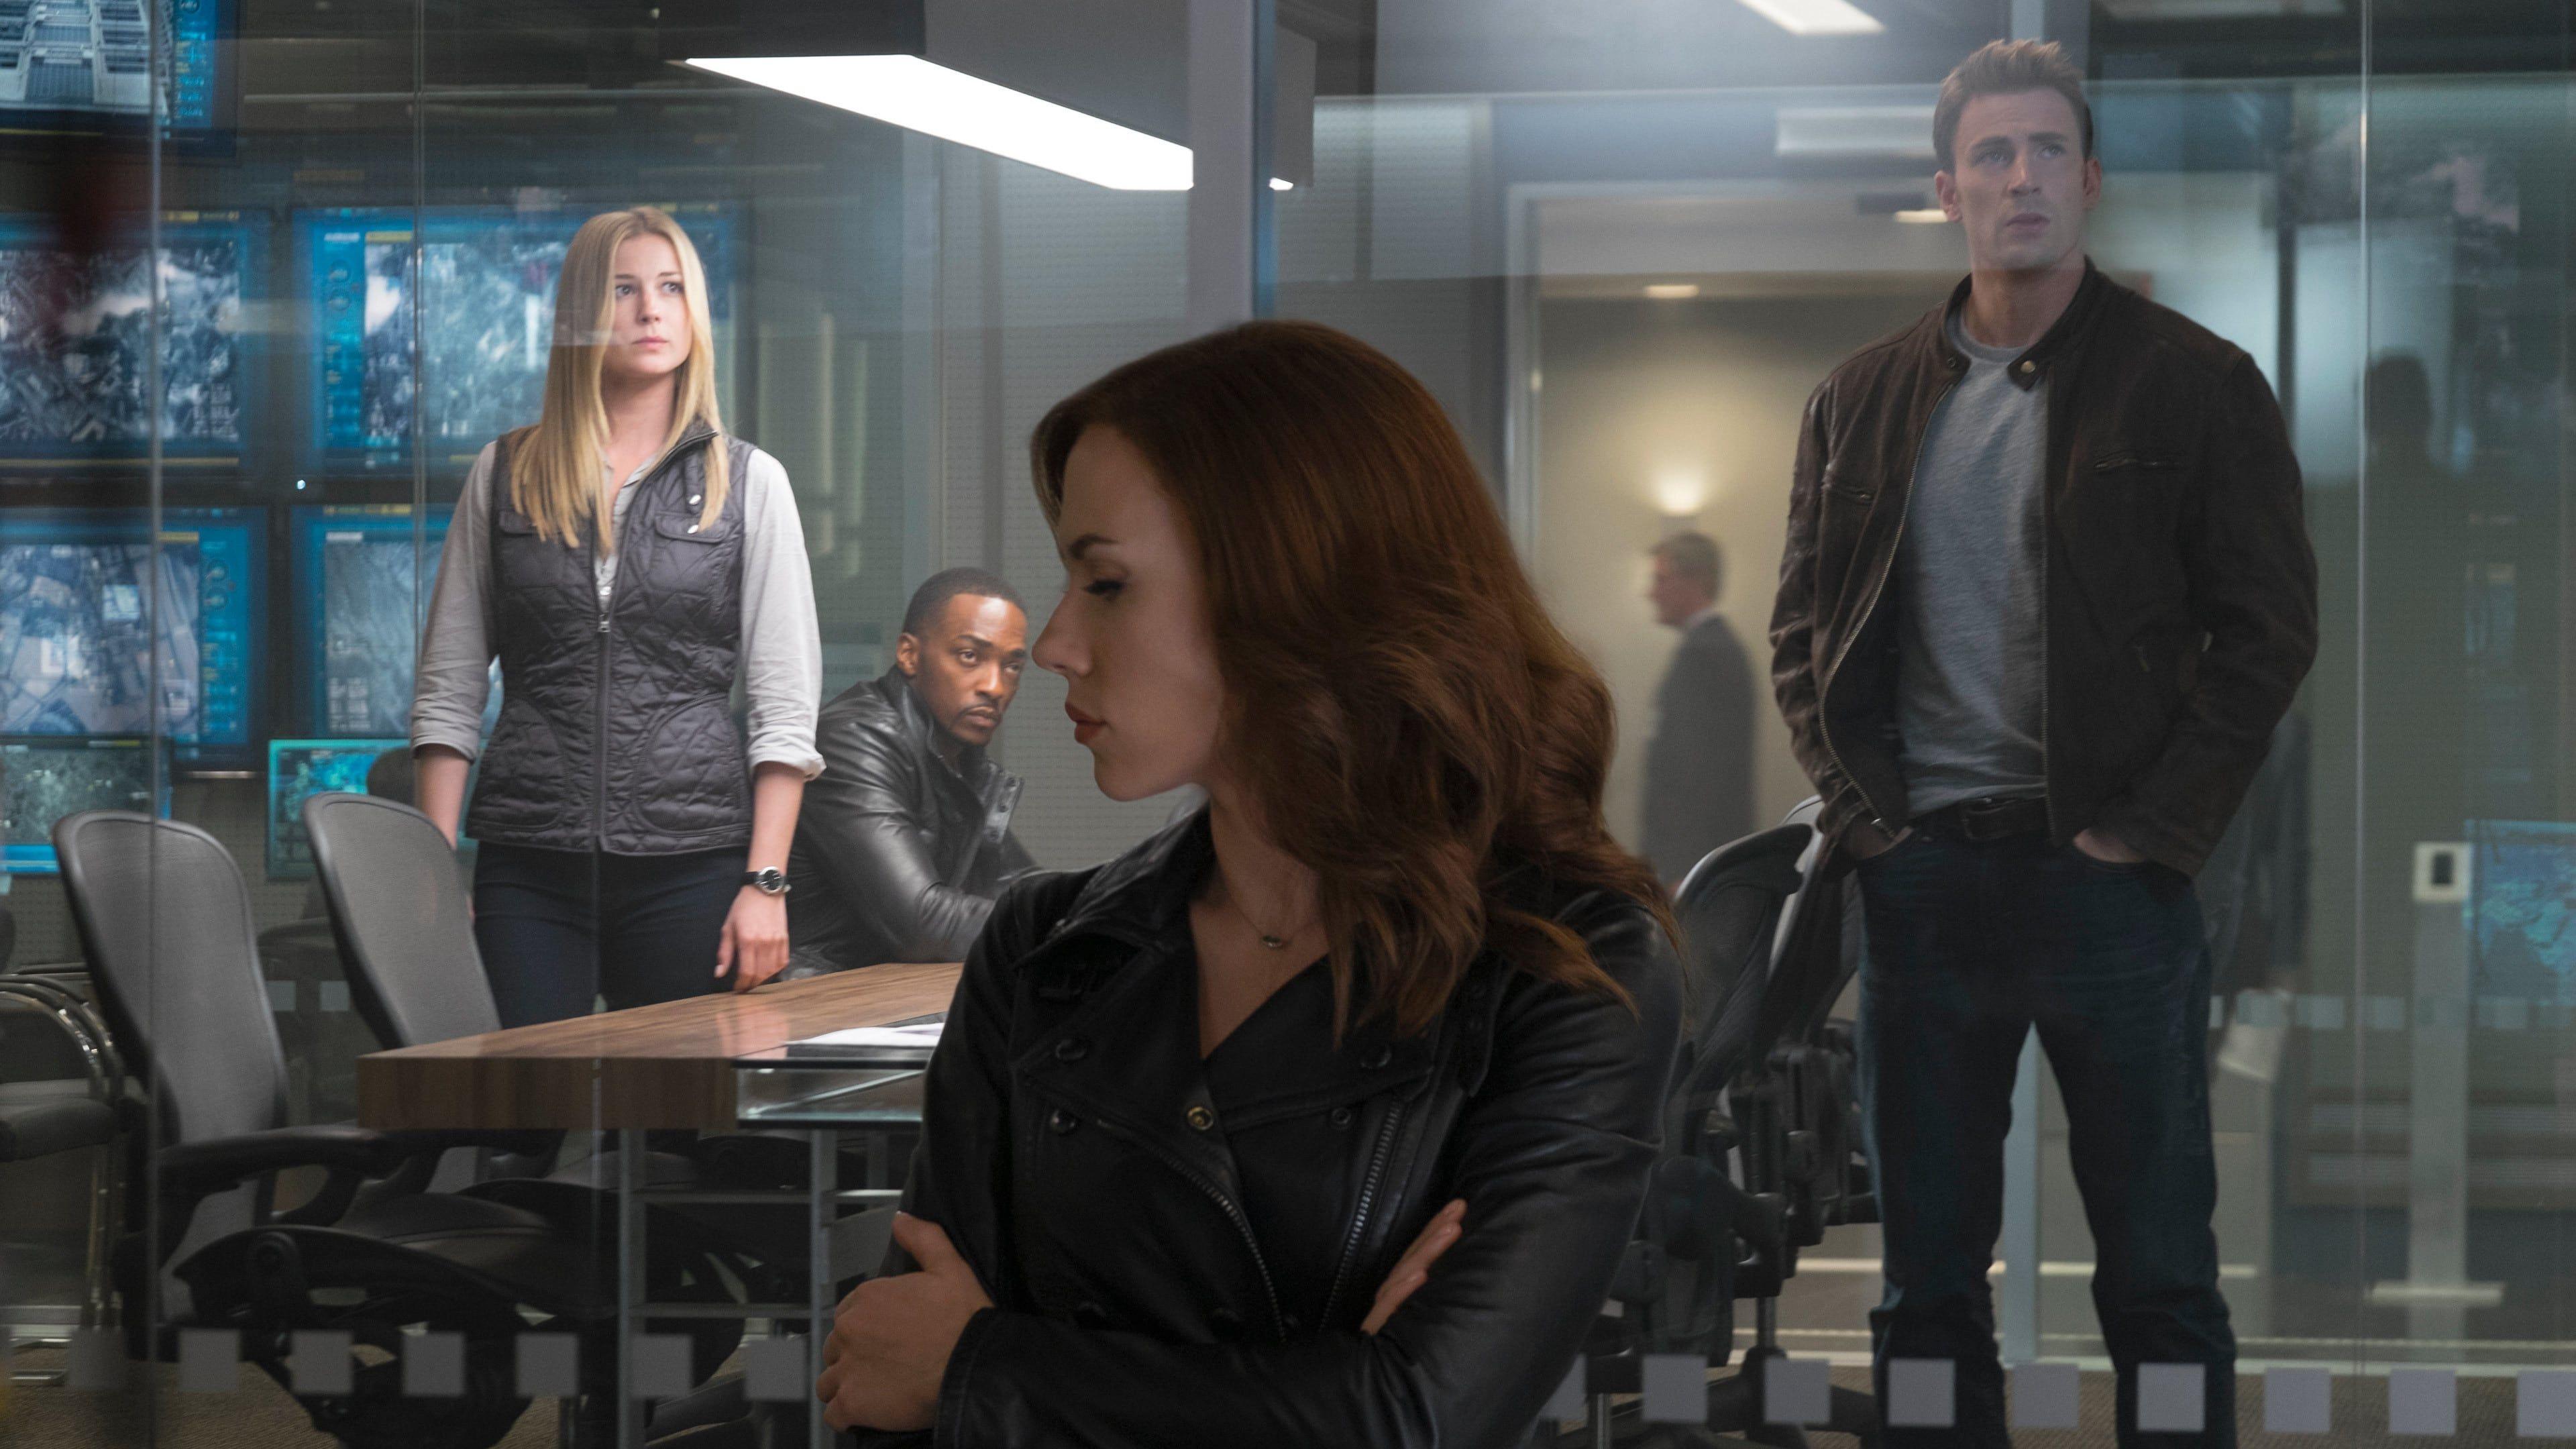 Amerika Kapitany Polgarhaboru 2016 Online Teljes Film Filmek Magyarul Letoltes Hd Stev Marvel Captain America Civil War Marvel Captain America Captain America